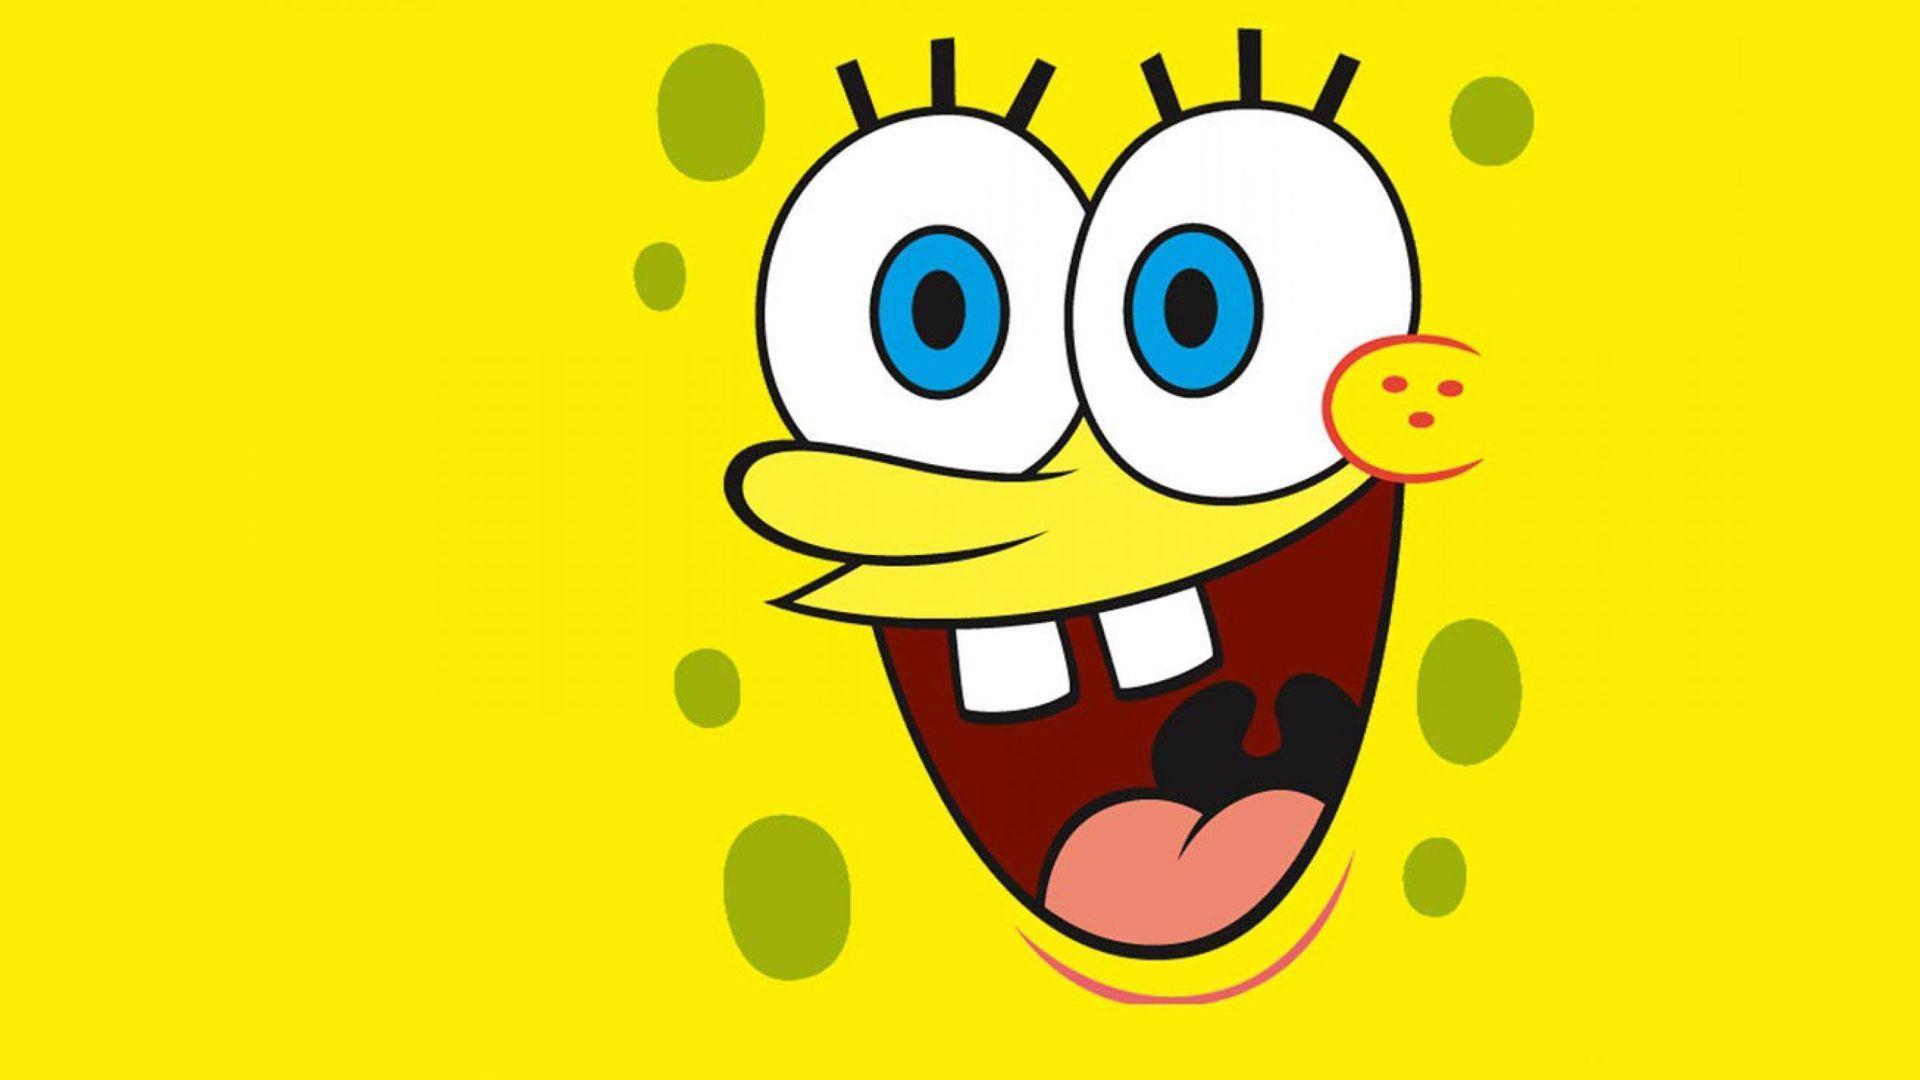 1920x1080 Spongebob Squarepants Hình nền, Hình ảnh, Hình ảnh